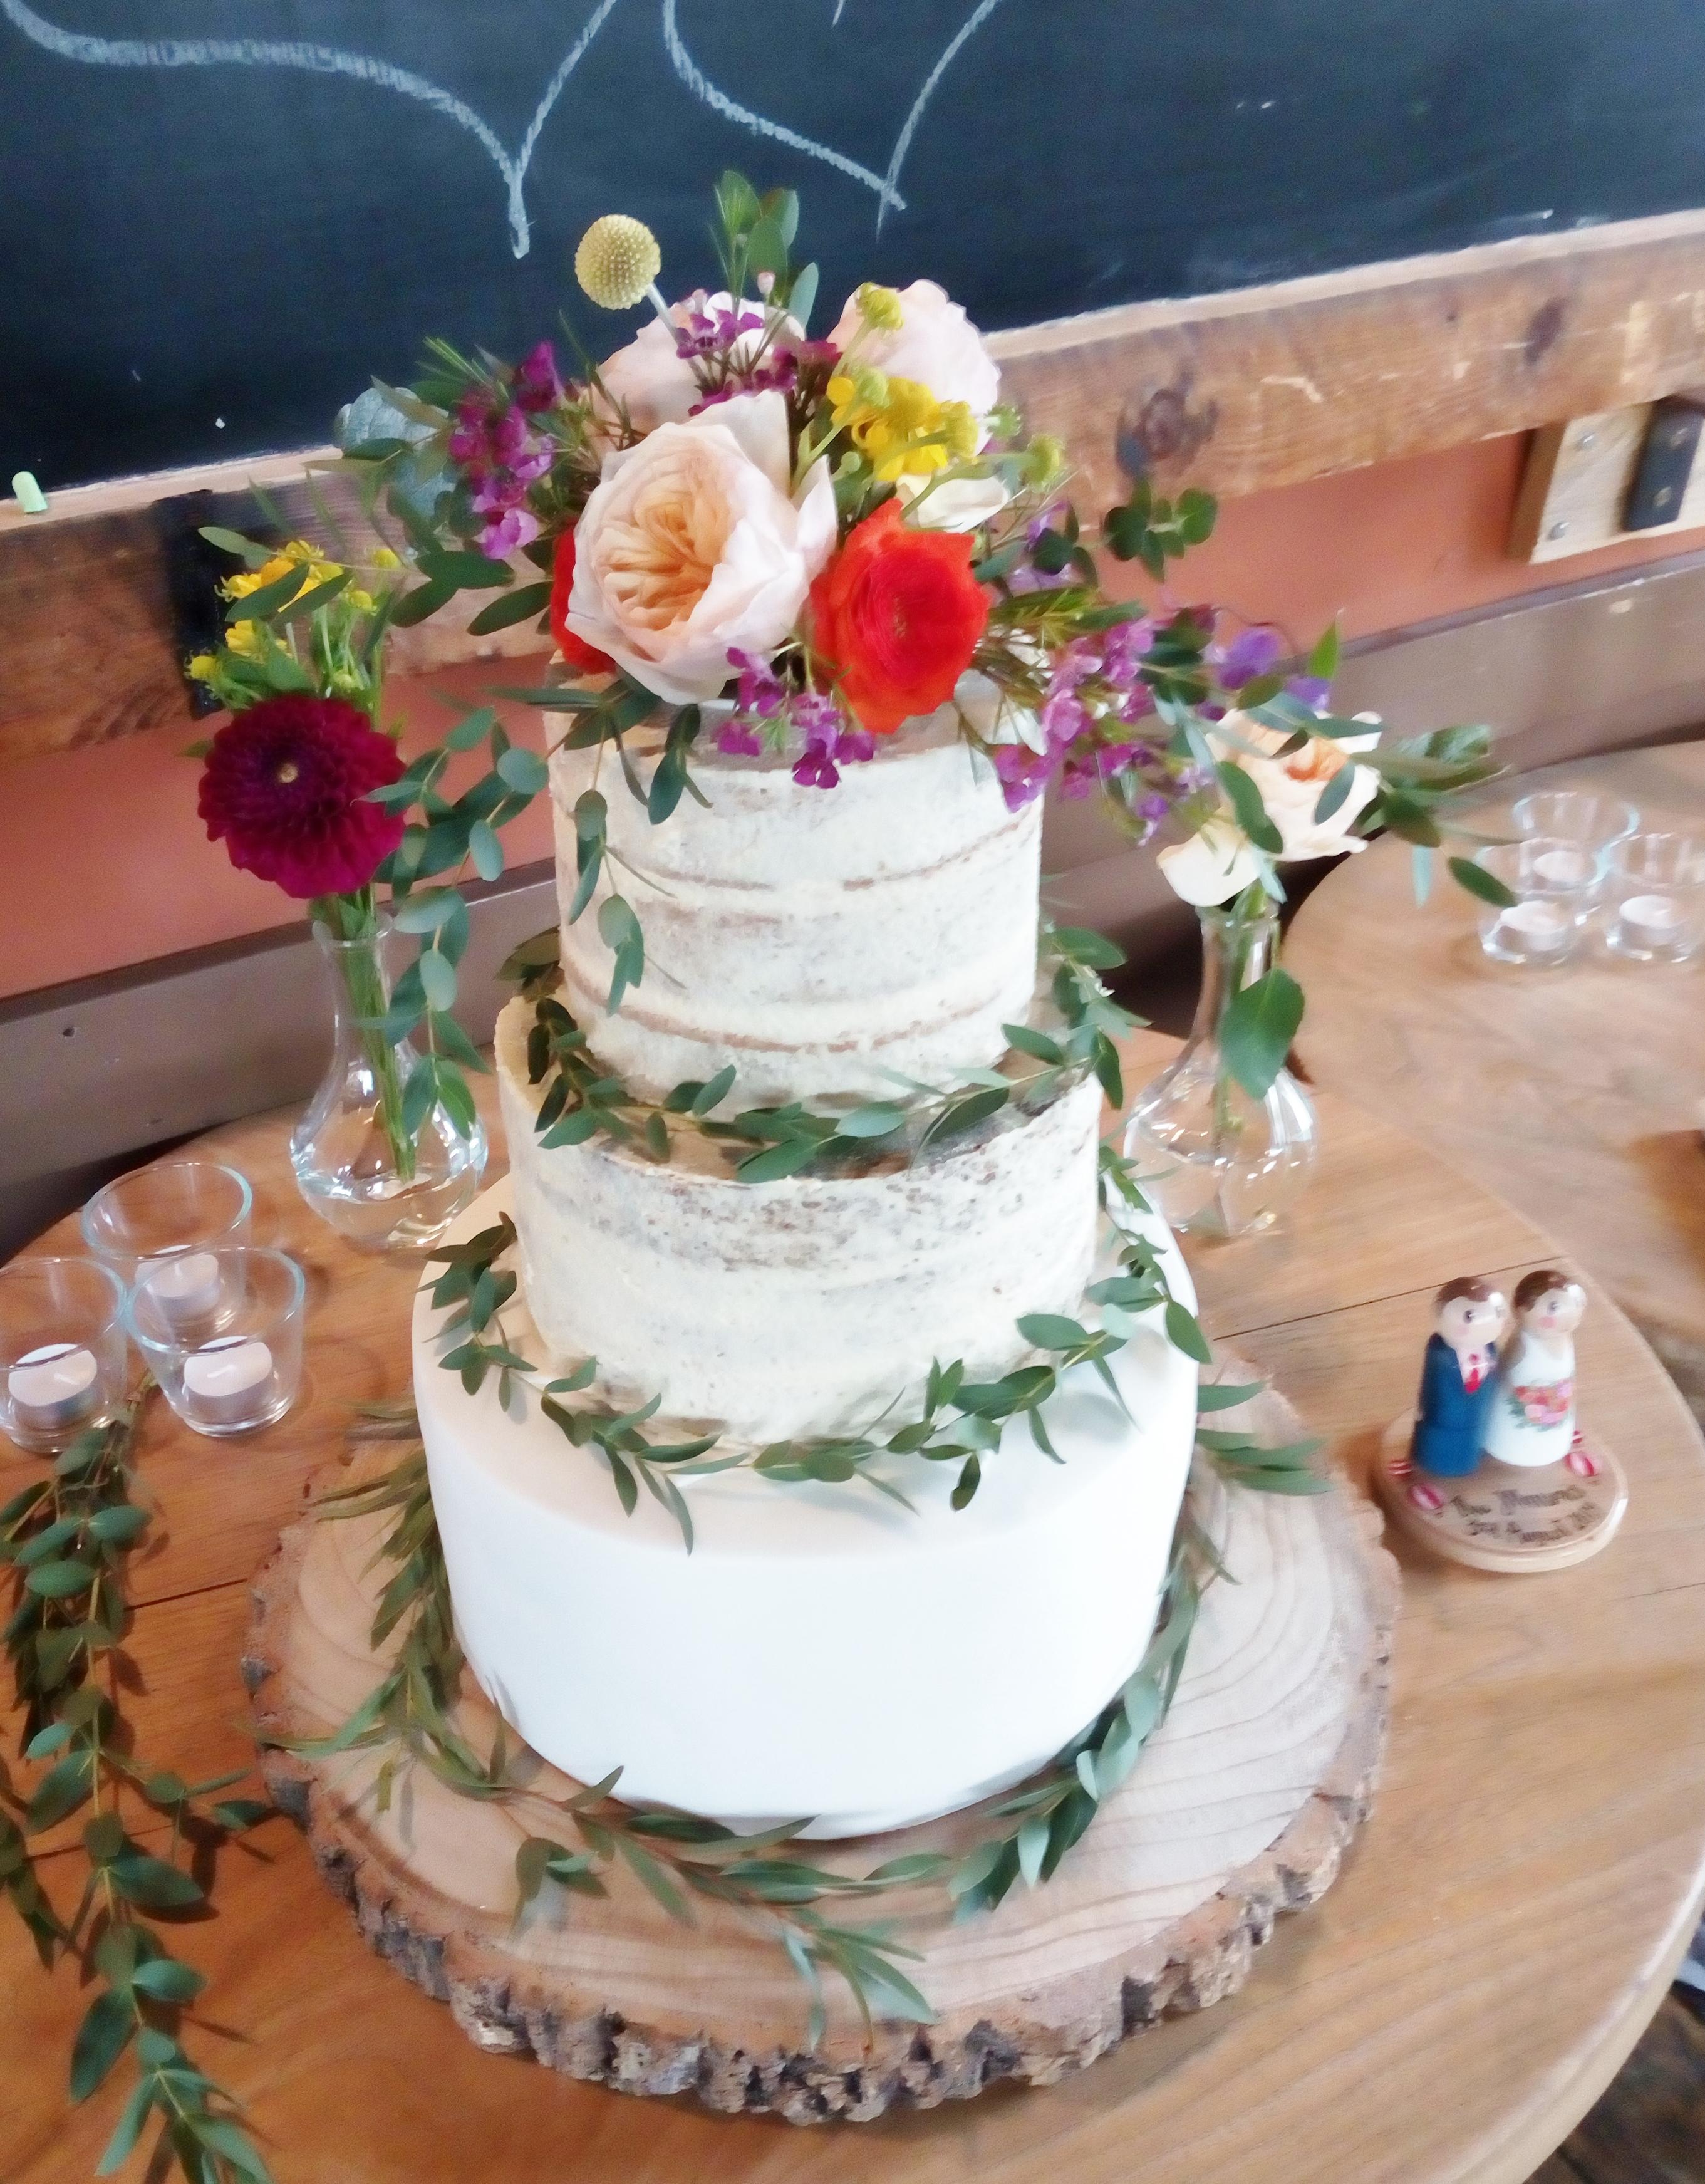 Semi-naked wedding cake with fondant base